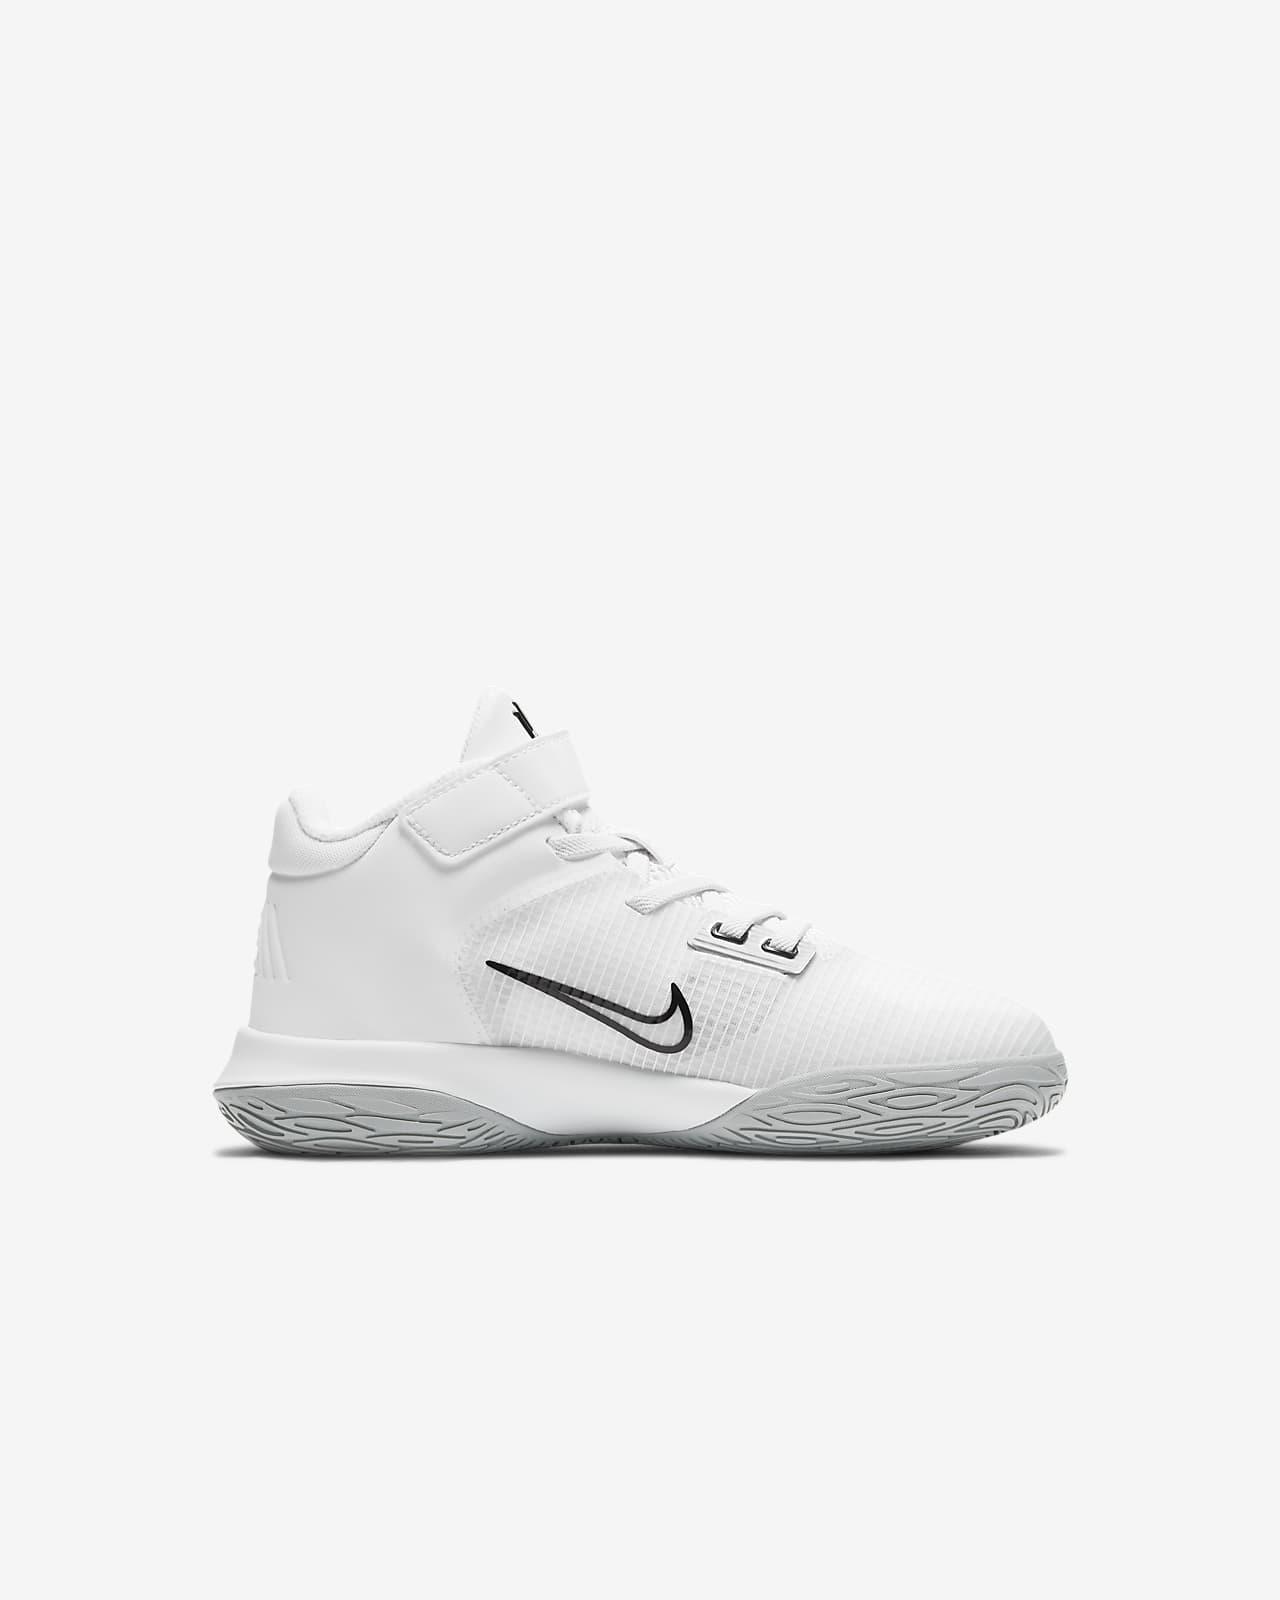 Kyrie Flytrap 4 Little Kids' Shoe. Nike.com